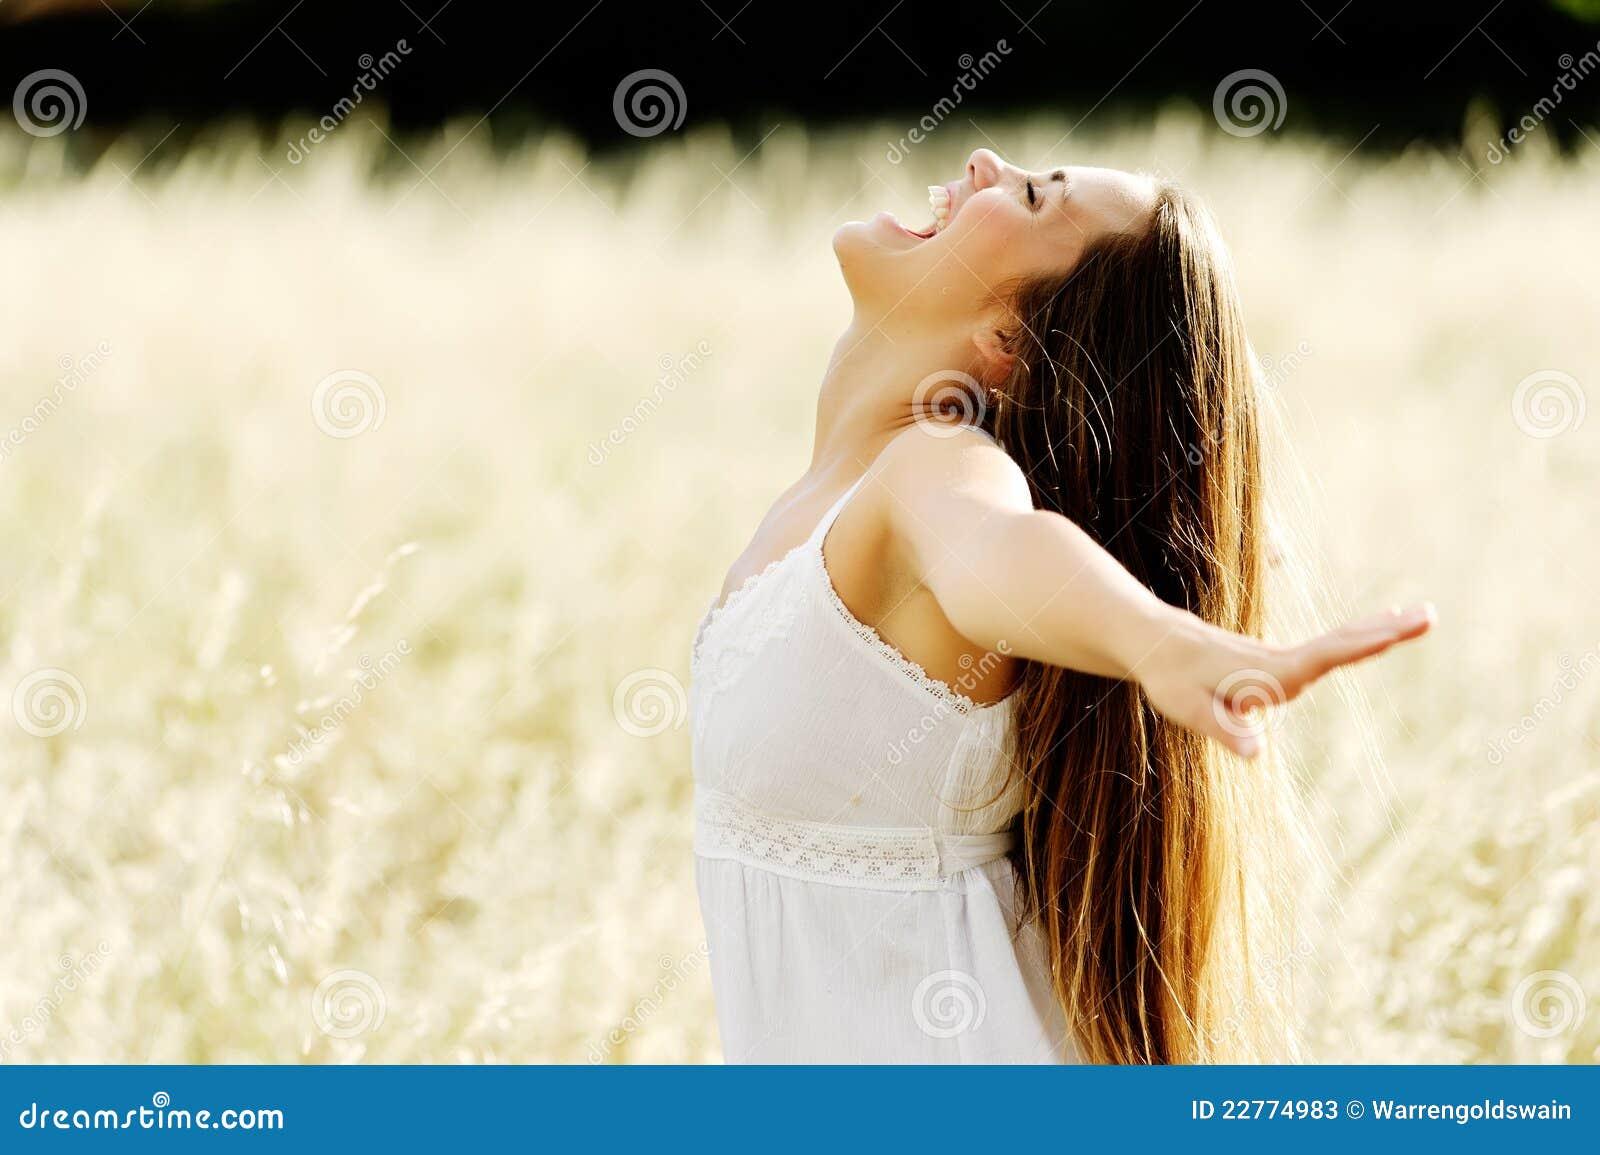 Schöne junge Frau auf einem geöffneten Gebiet